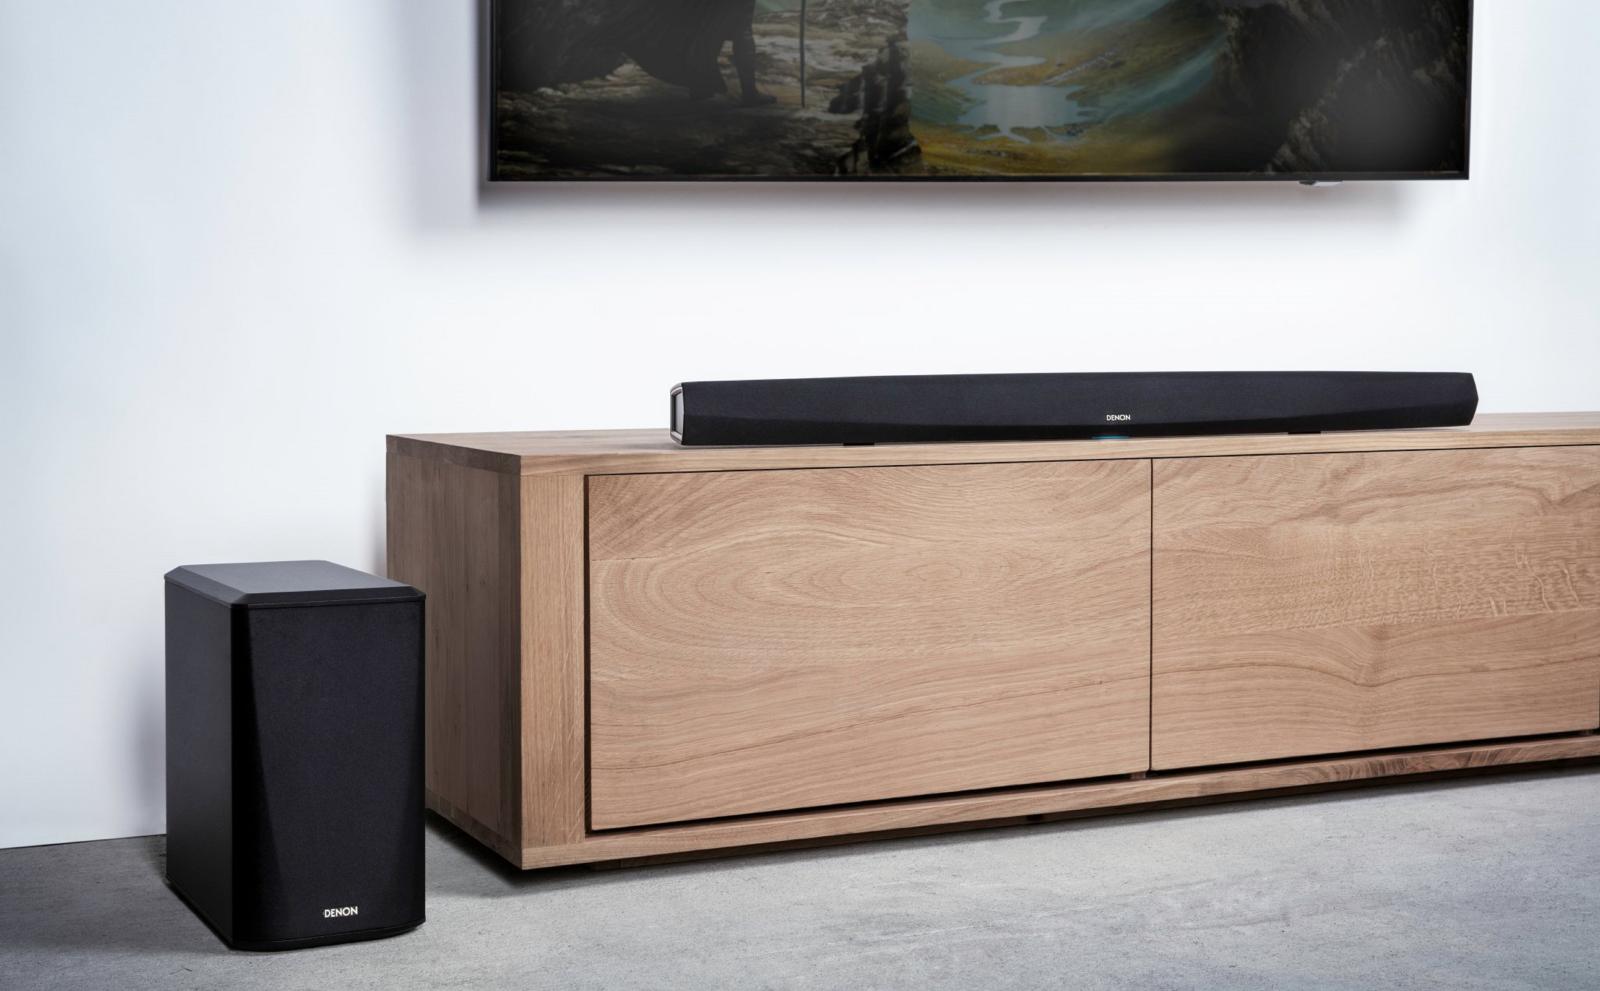 Denon ra mắthai mẫu loa soundbar cao cấpDHT-S516H vàDHT-S716H